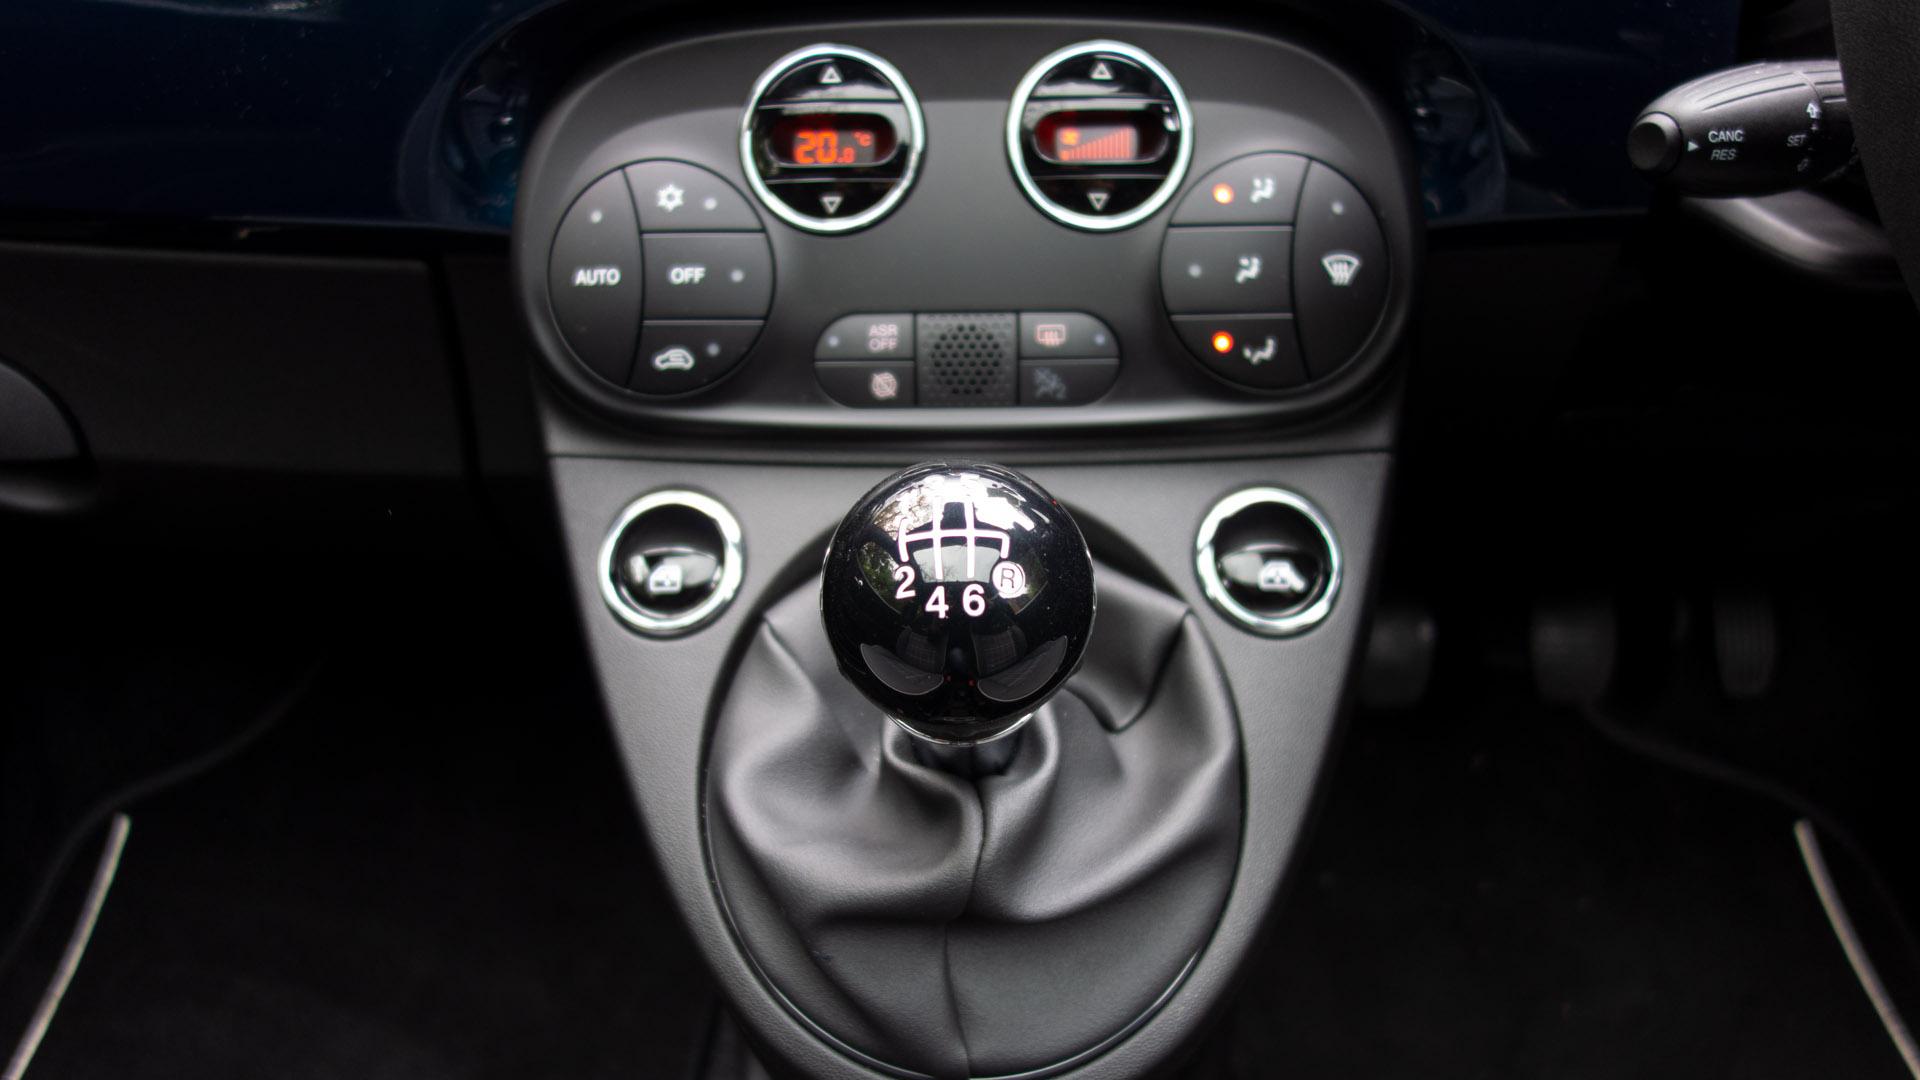 Fiat 500 Hybrid gear knob